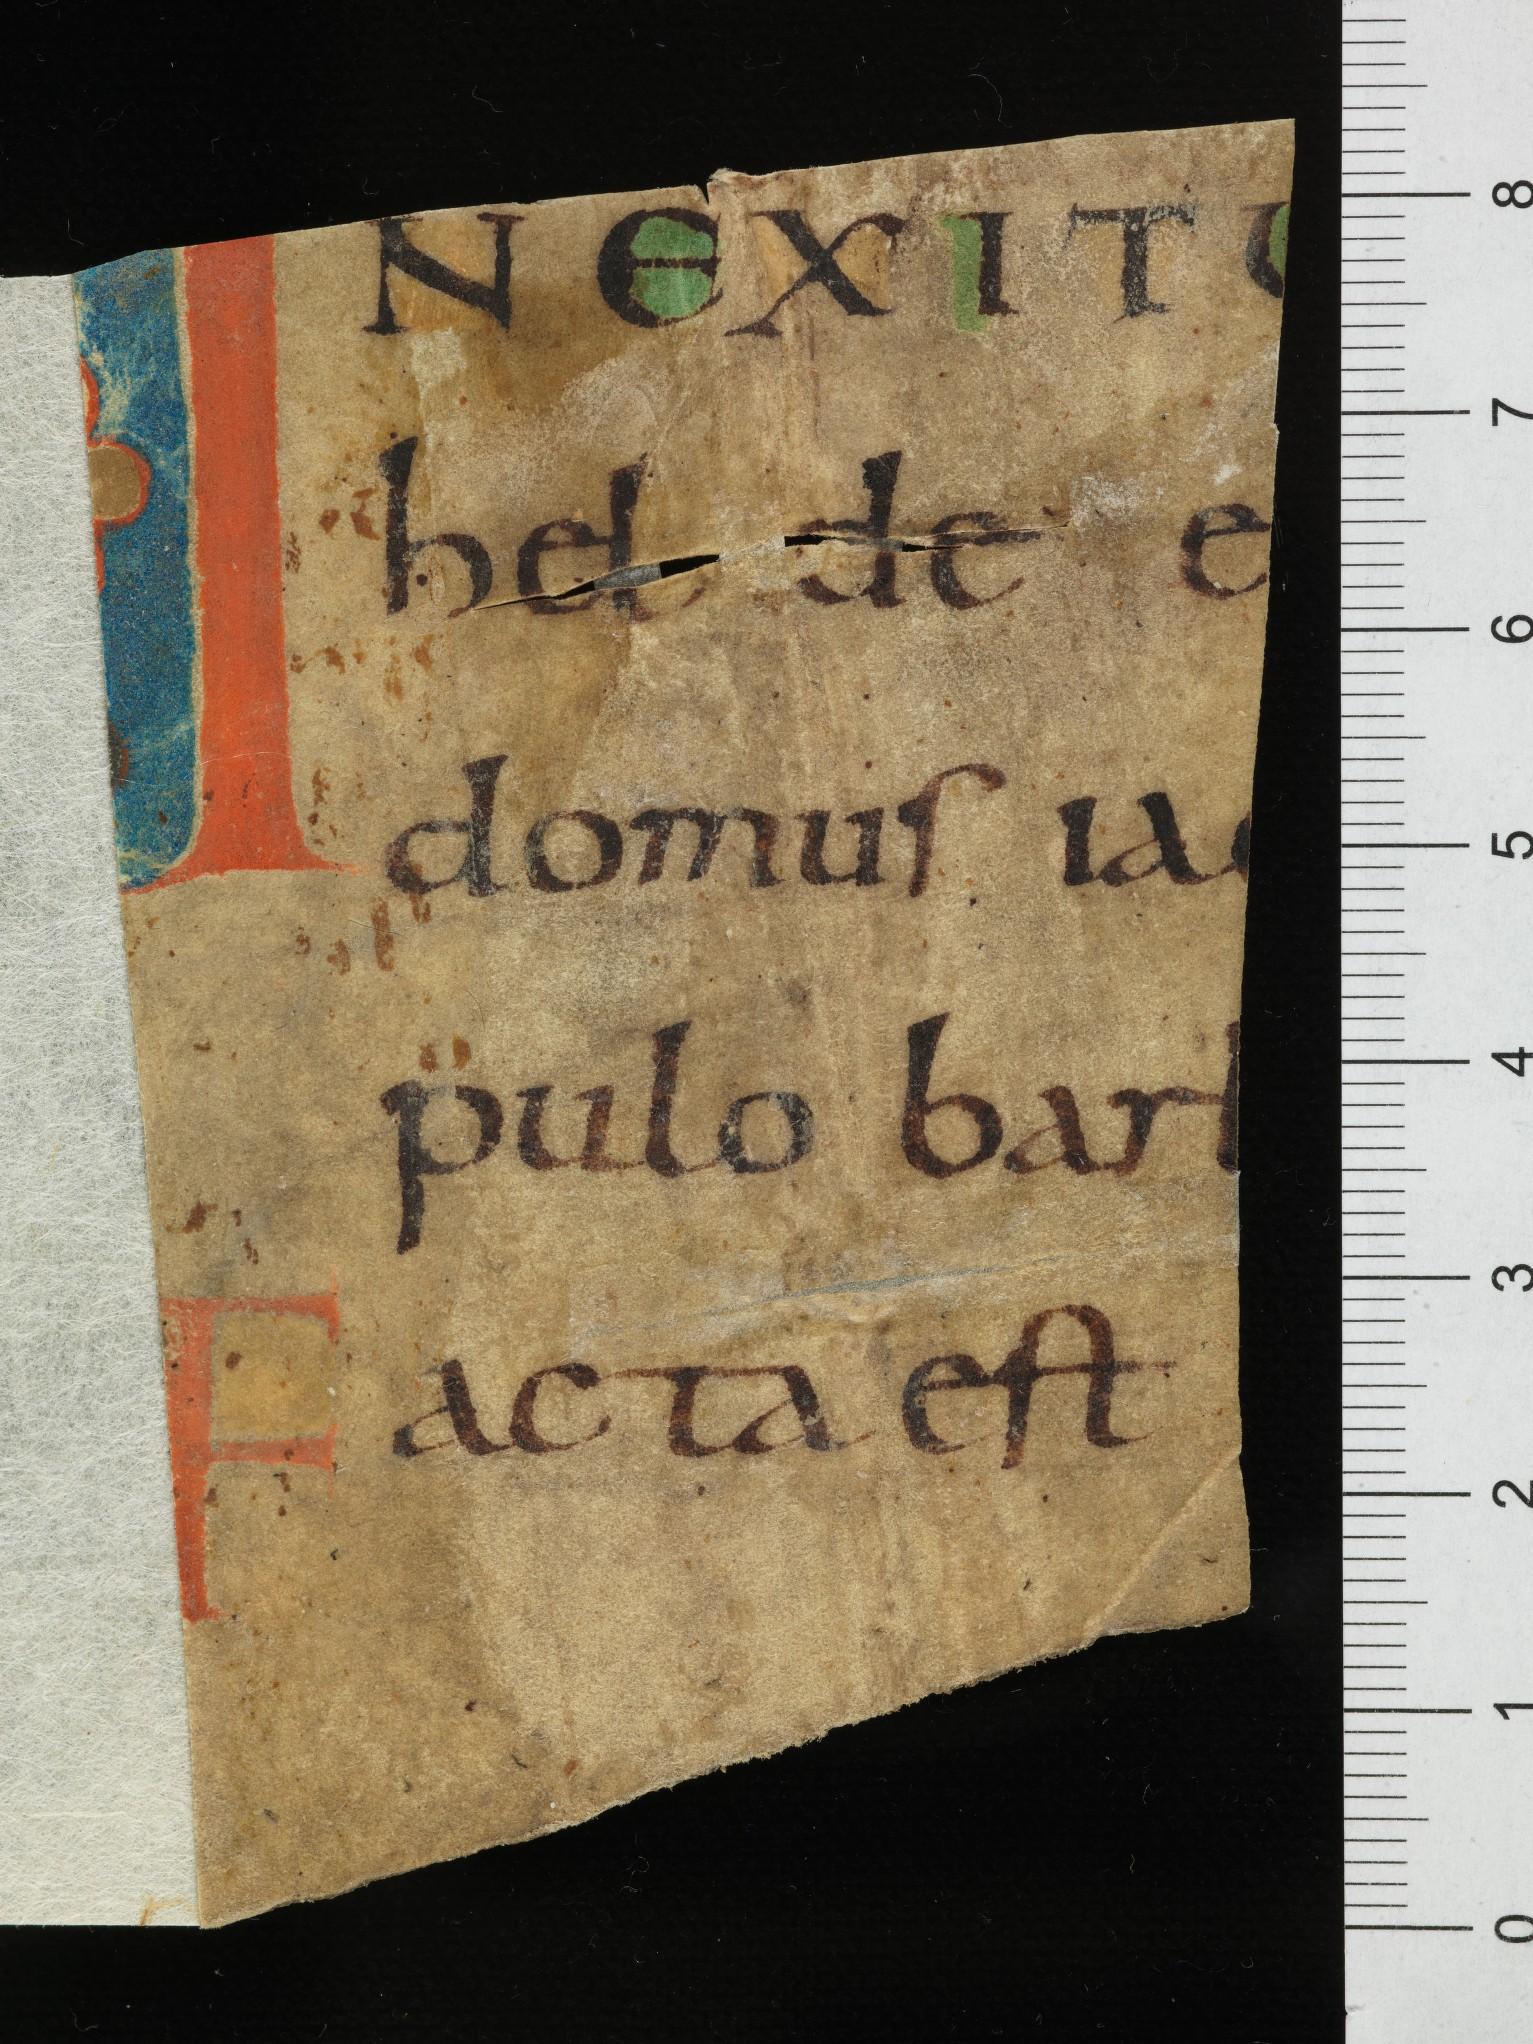 p. 37 detail